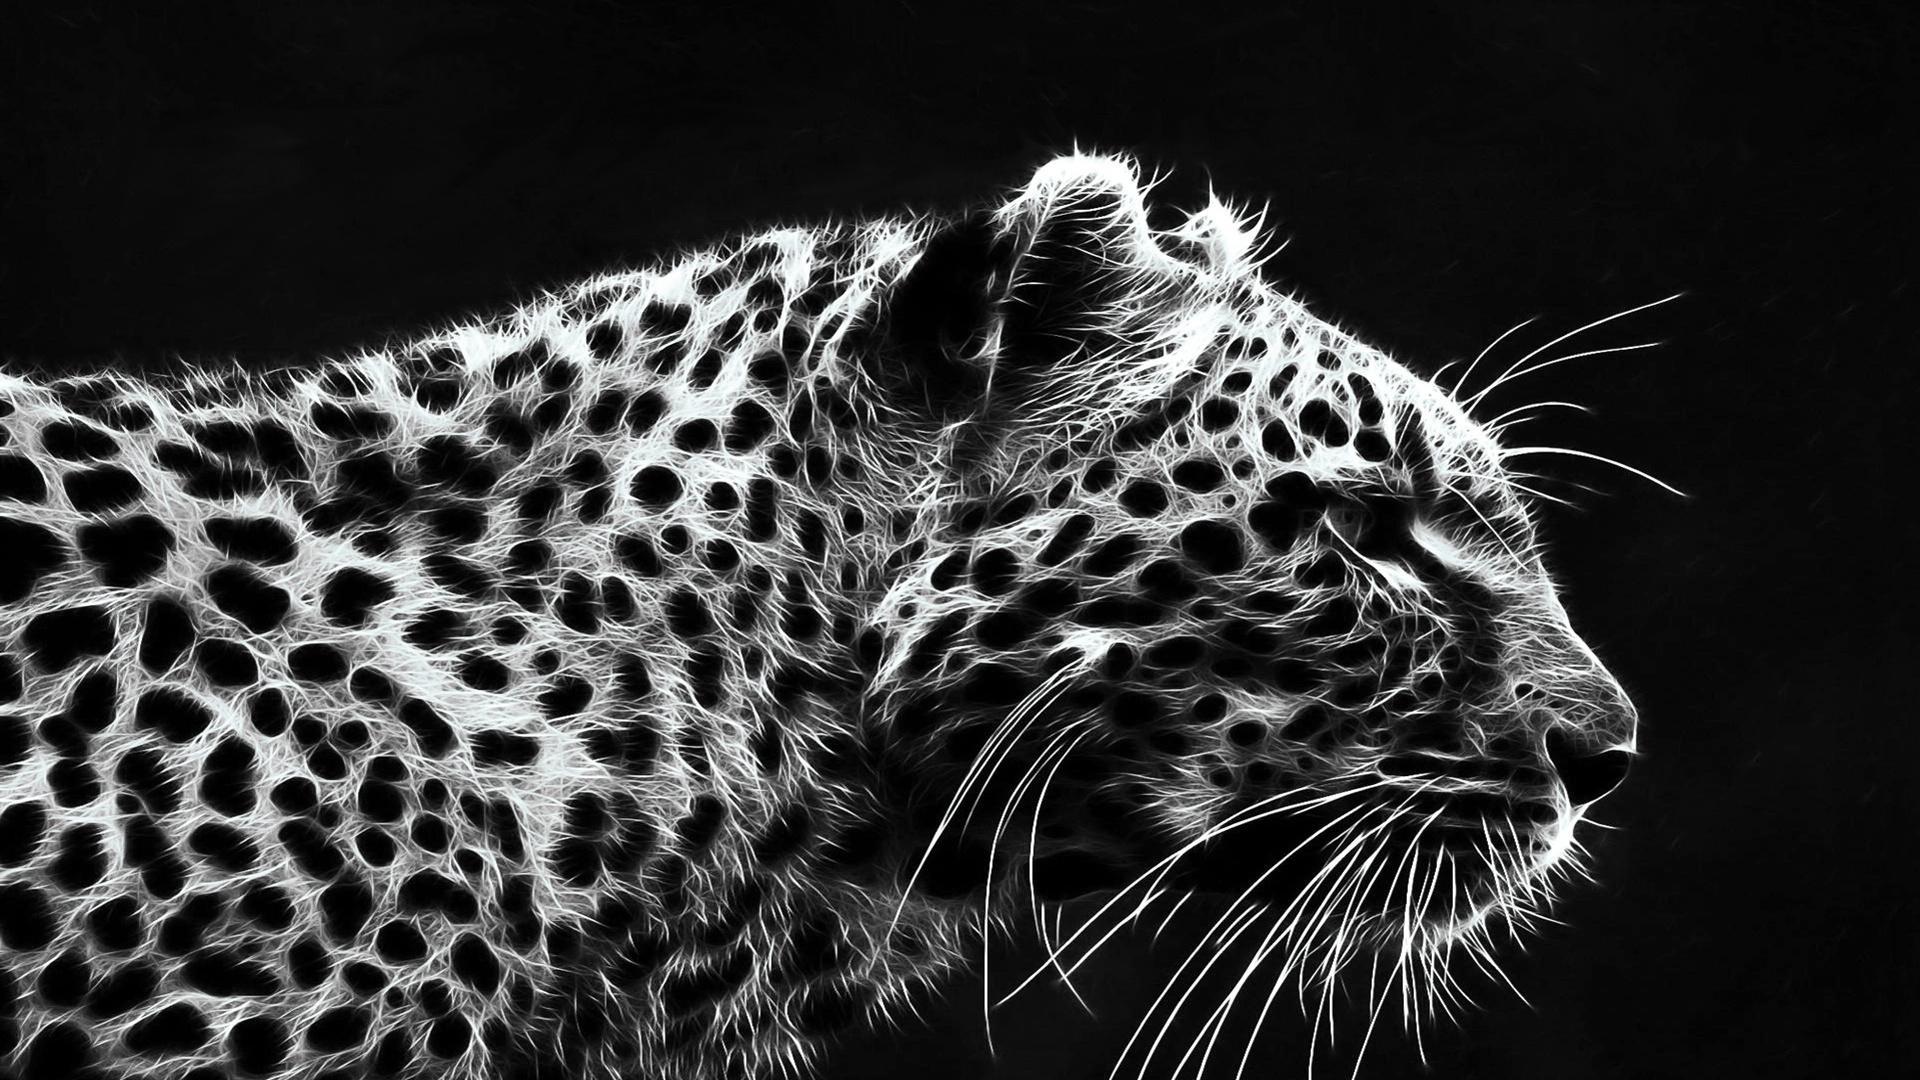 Jaguar Animal Wallpaper Download Data Src W Full 2 4 3 193885 Black Leopard Wallpaper Hd 1920x1080 Wallpaper Teahub Io